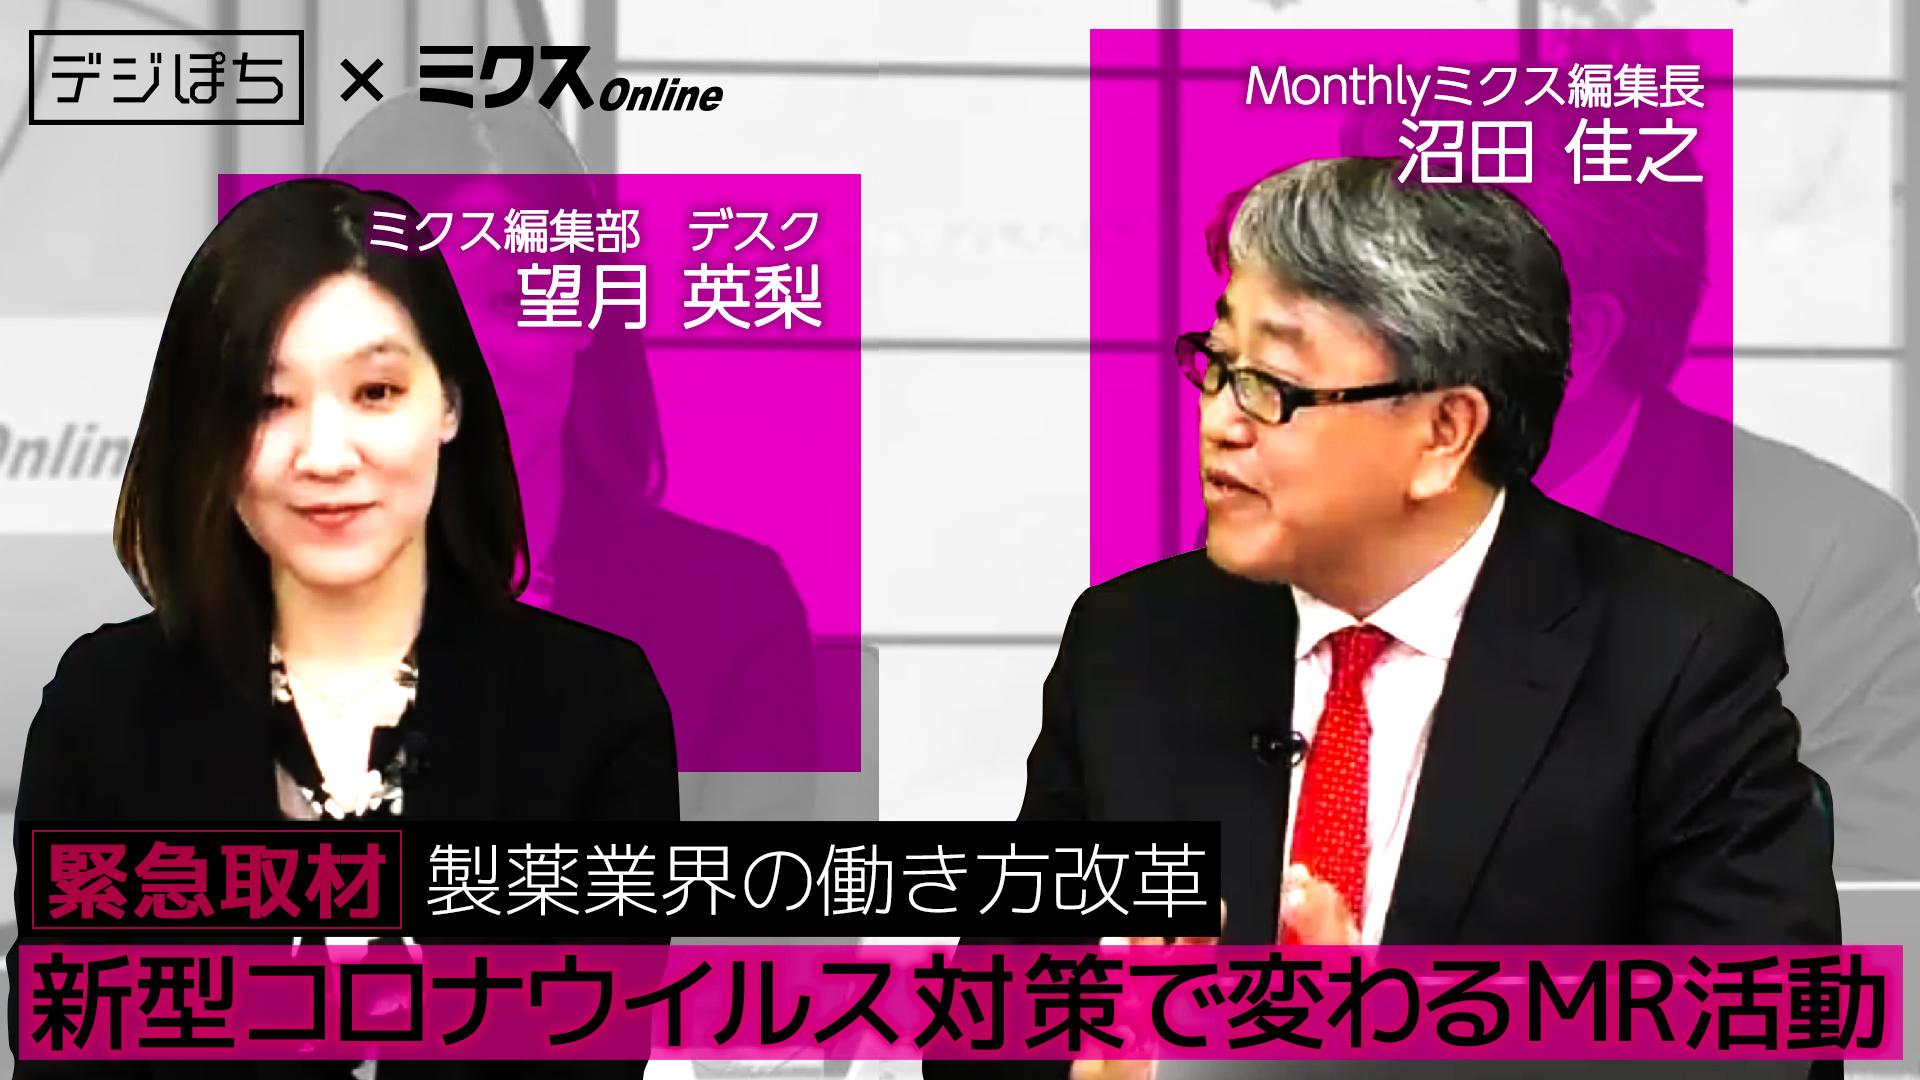 【緊急取材】新型コロナウイルス対策で変わるMR活動~製薬業界の働き方改革~